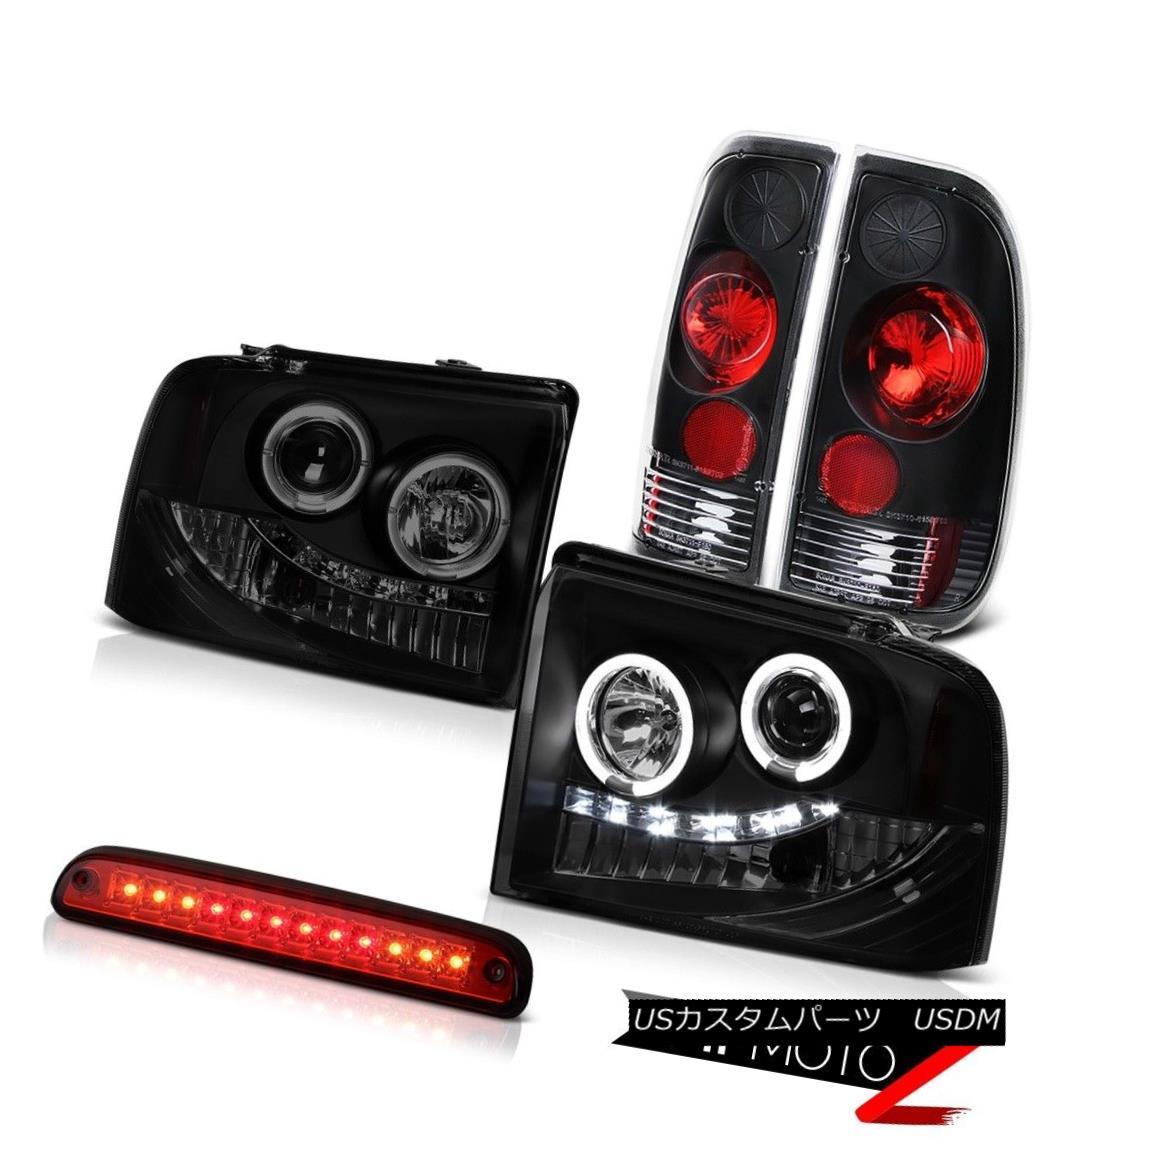 ヘッドライト L.E.D Projector DRL Headlights Black Tail Lamp High Stop LED 2005-2007 F250 6.8L L.E.DプロジェクターDRLヘッドライトブラックテールランプハイストップLED 2005-2007 F250 6.8L